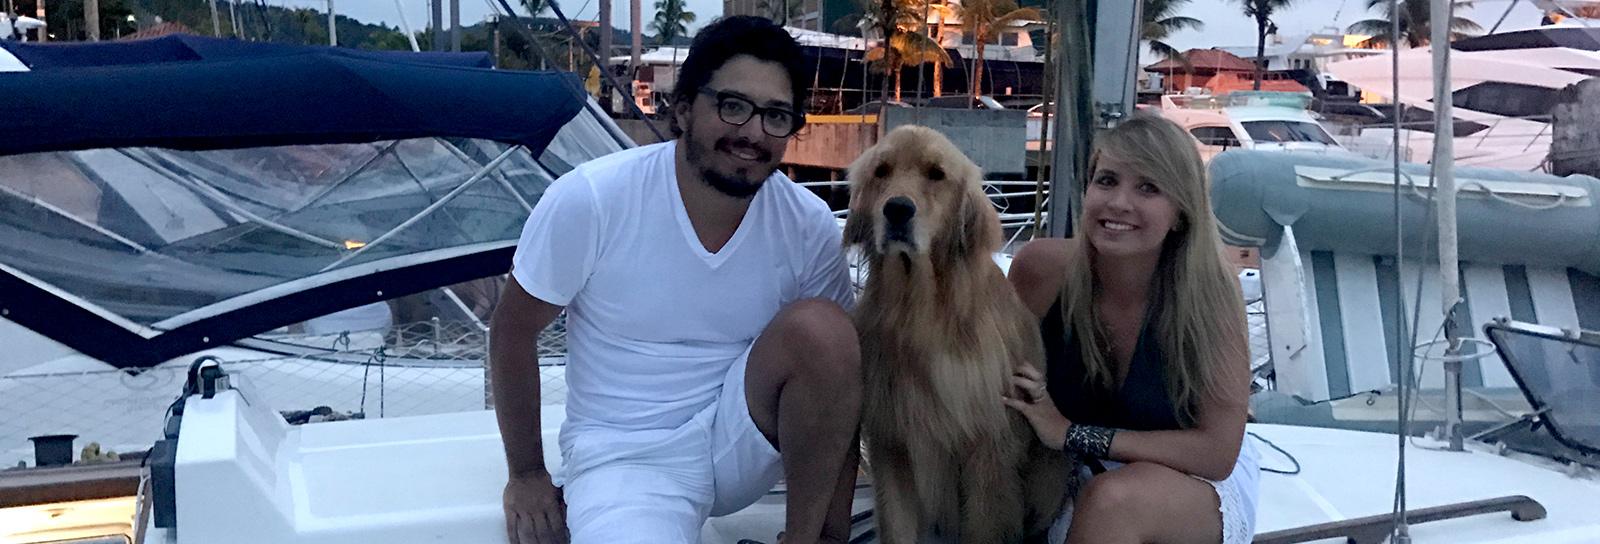 Ele diretor de mídia, ela designer de moda, saíram para viver a bordo de um veleiro com seu cachorro